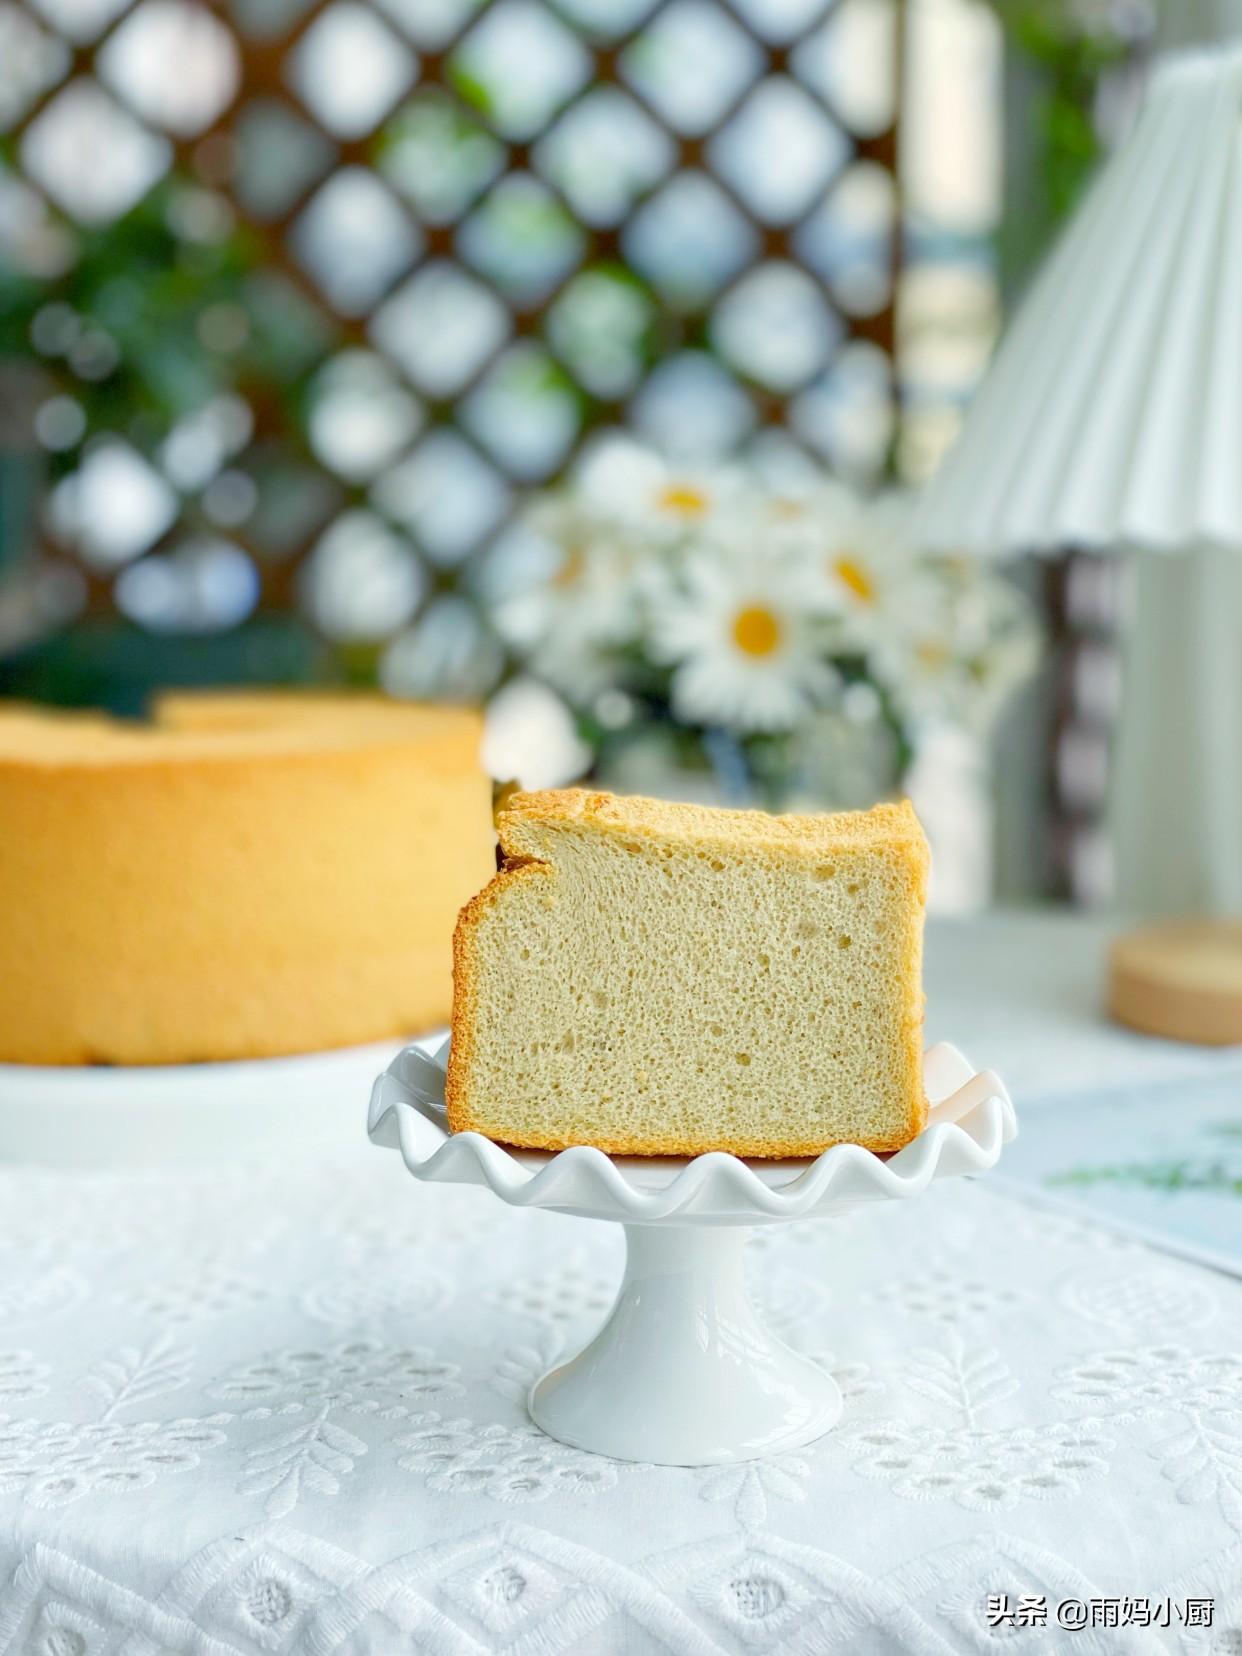 夏天必備的小甜品,咖啡戚風蛋糕,香味濃郁又美味,提神又醒腦